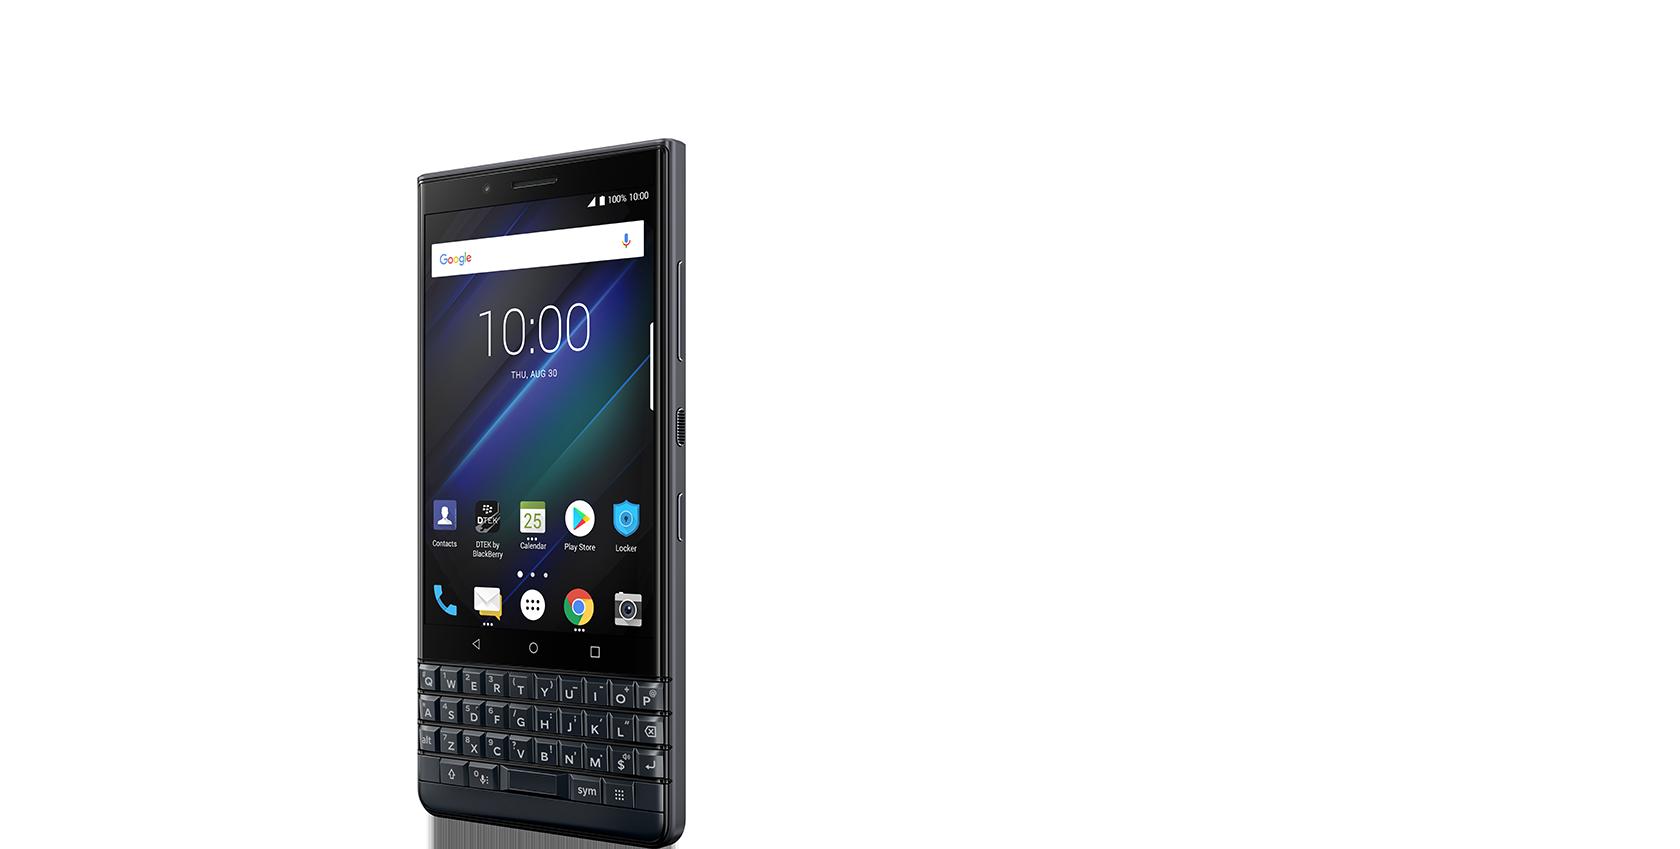 key 2 le slate - BlackBerry KEY 2 LE